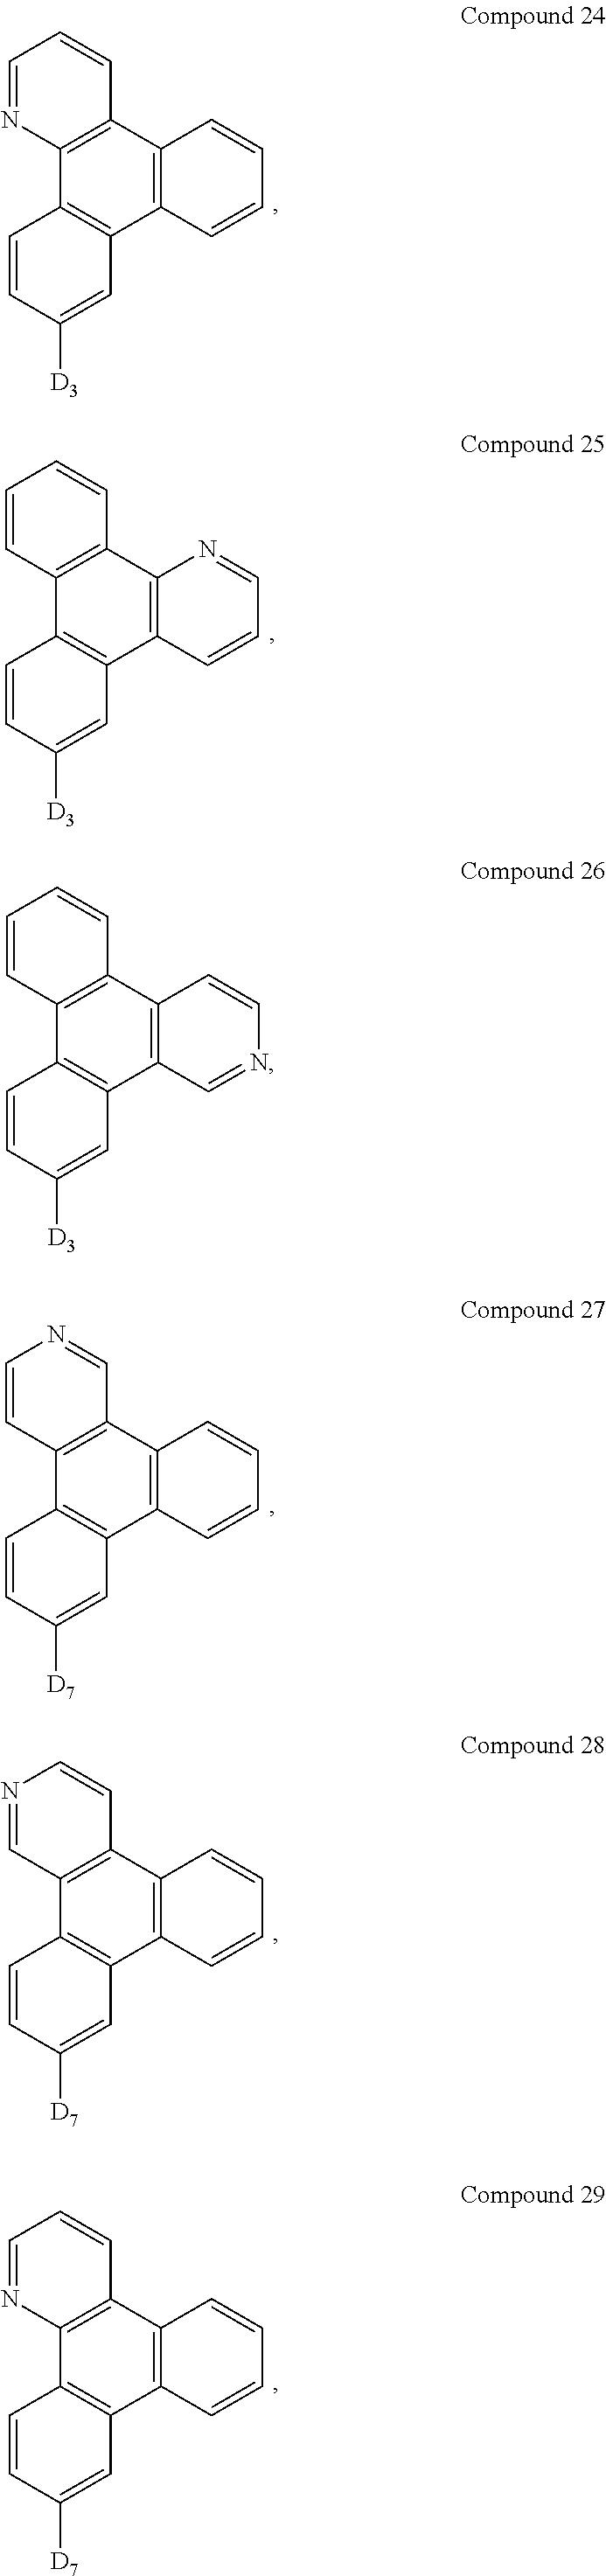 Figure US09537106-20170103-C00058